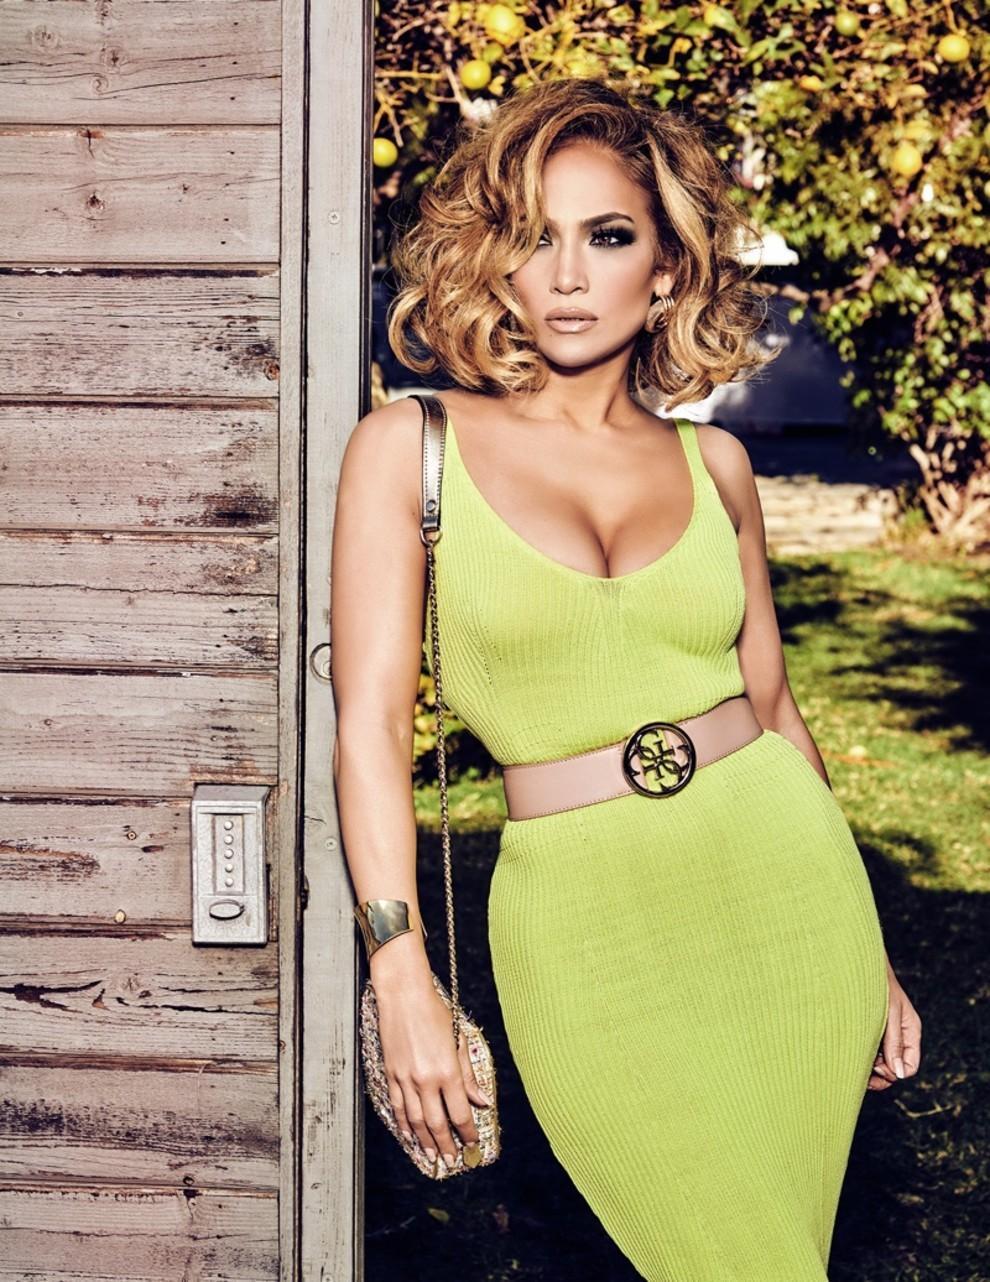 Дженнифер Лопес снялась в образе Софи Лорен: для новой рекламной кампании Guess - фото №3